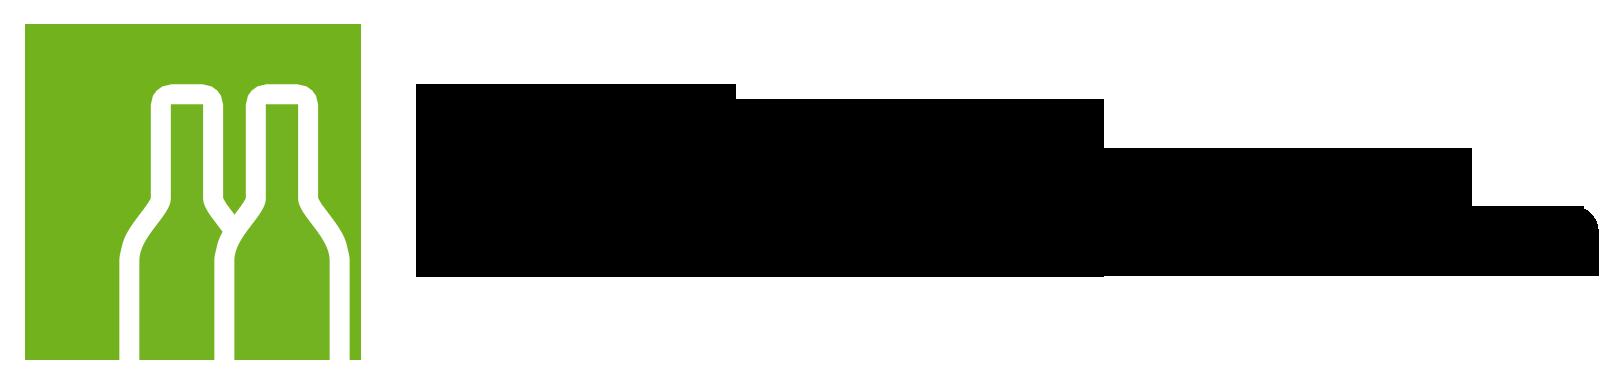 doowine.com